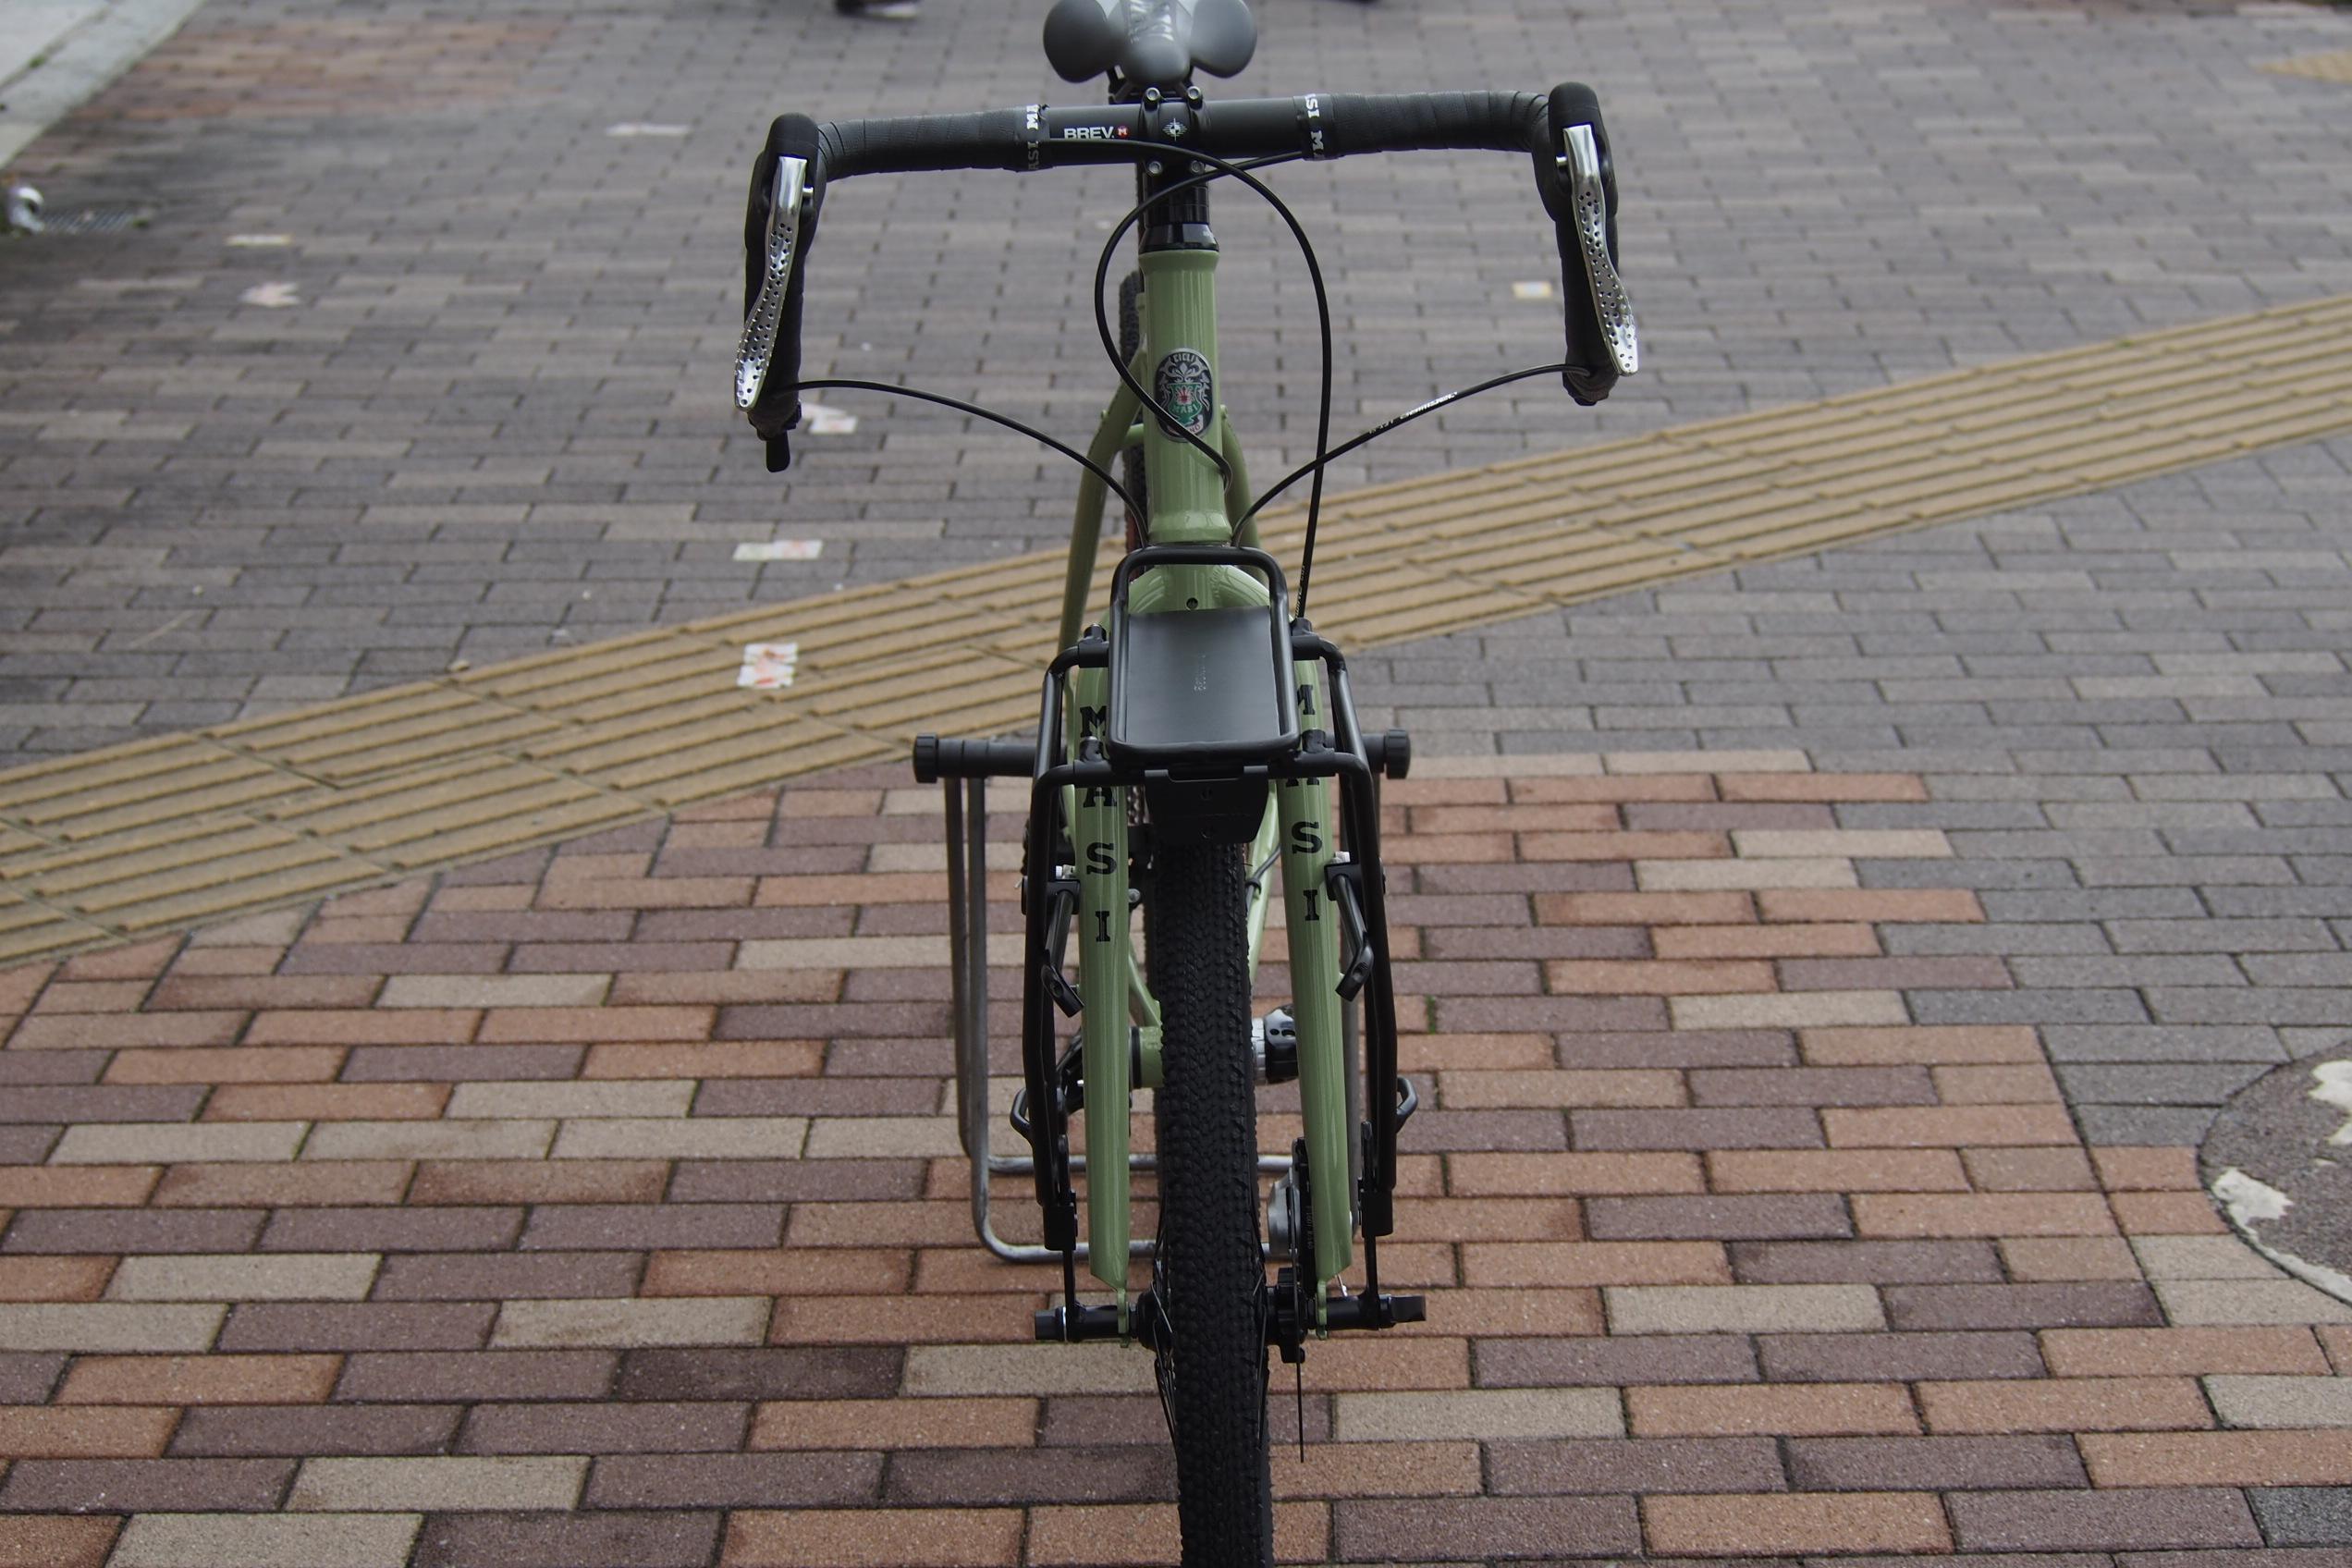 自転車ツーリングにオススメ!前後 両方に取り付け可能なキャリア、blackburn【ブラックバーン】 Local